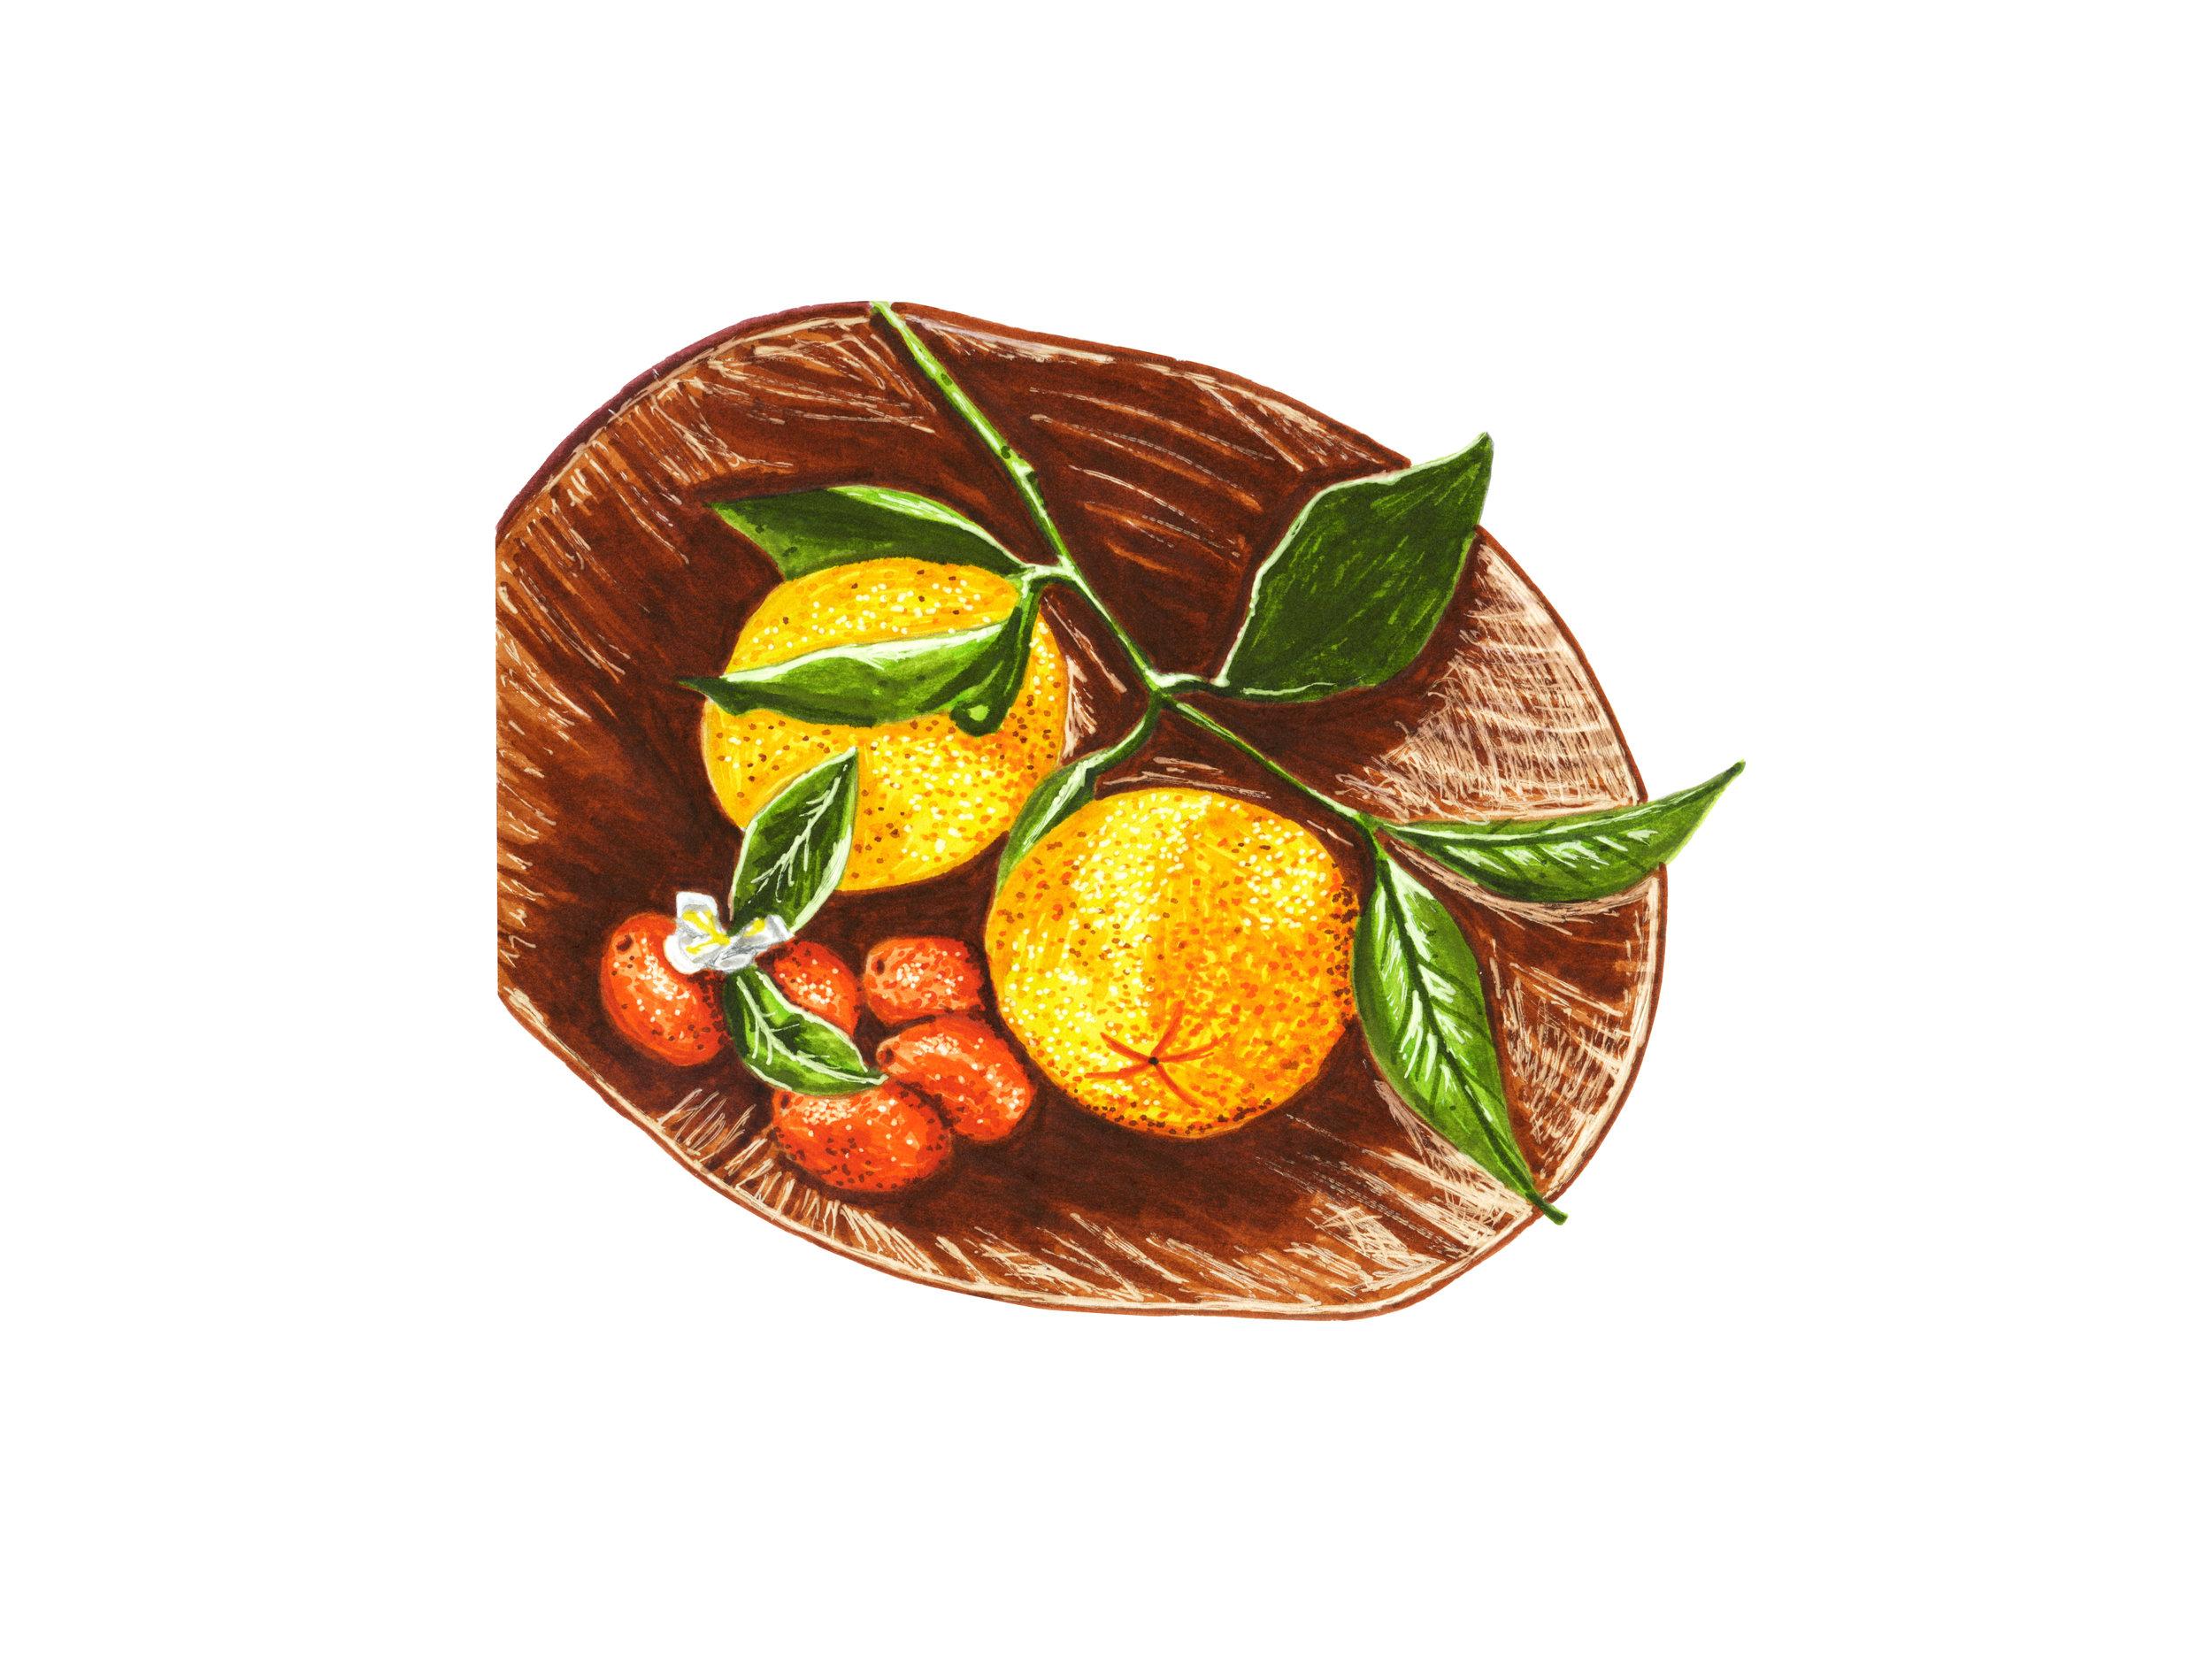 Oranges + Kumquats